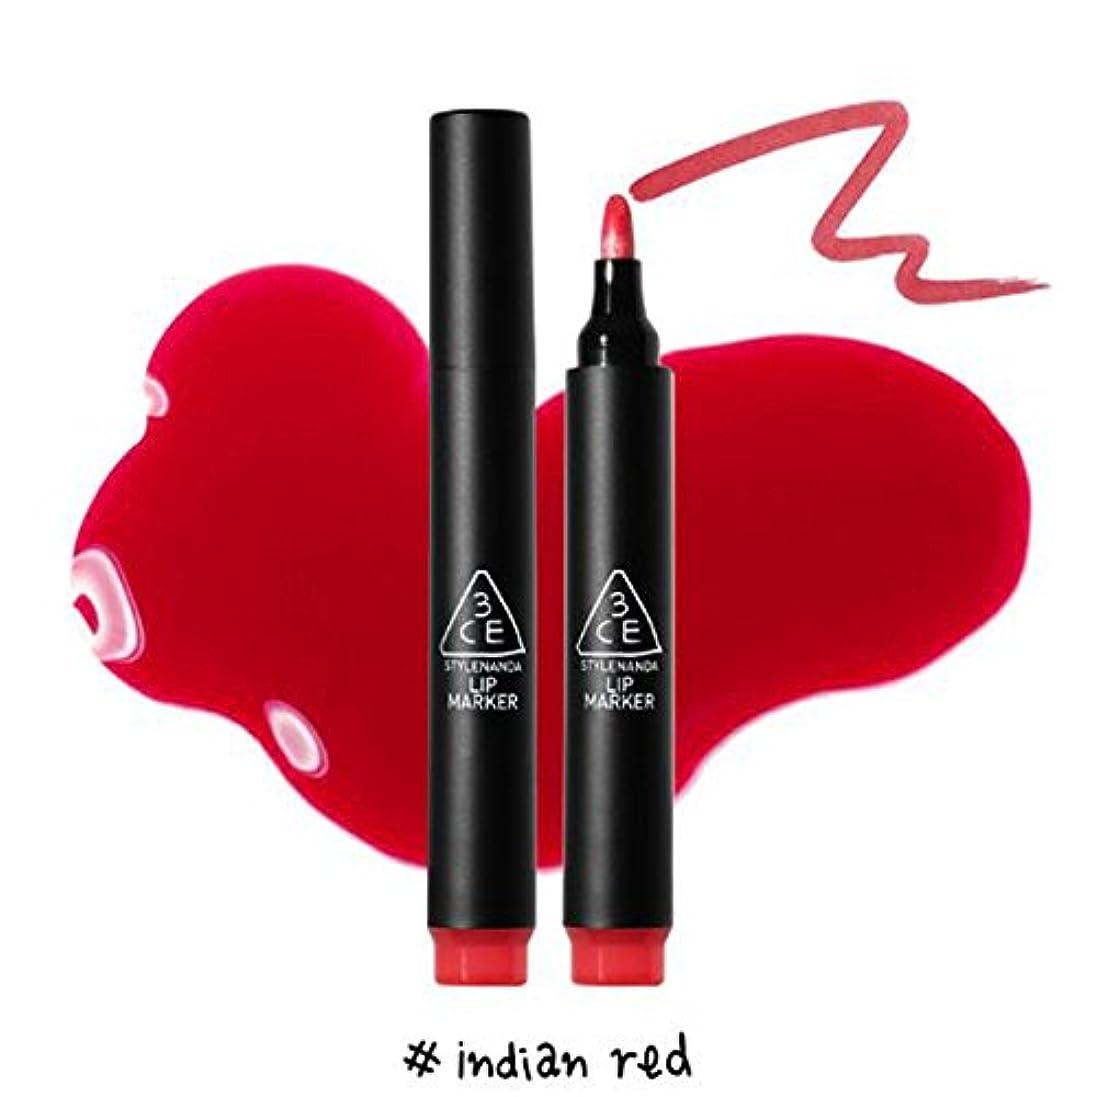 出力ファイバ情緒的3CE [韓国コスメ 3CE] リップマーカーティント 3CE Lip Marker 3CE (1.Indian Red)